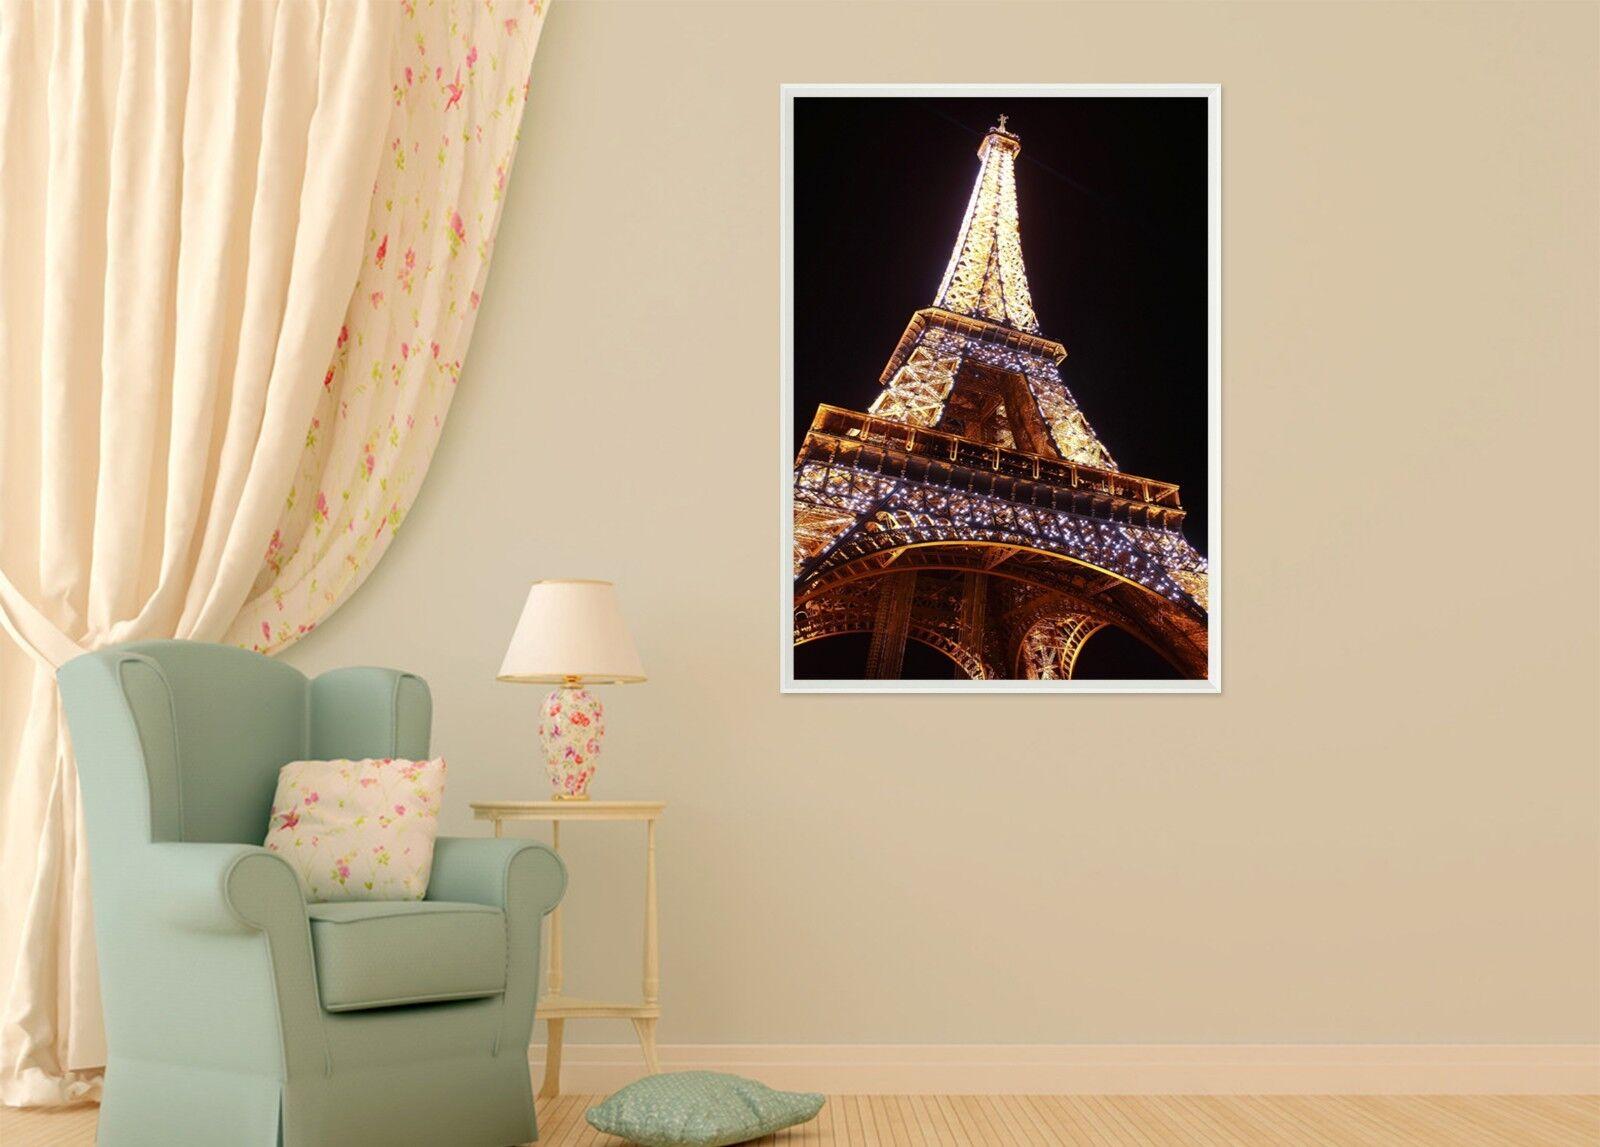 Torre Eiffel Noche 3D 47 Póster Enmarcado Decoración del Hogar Pintura de Impresión Arte AJ